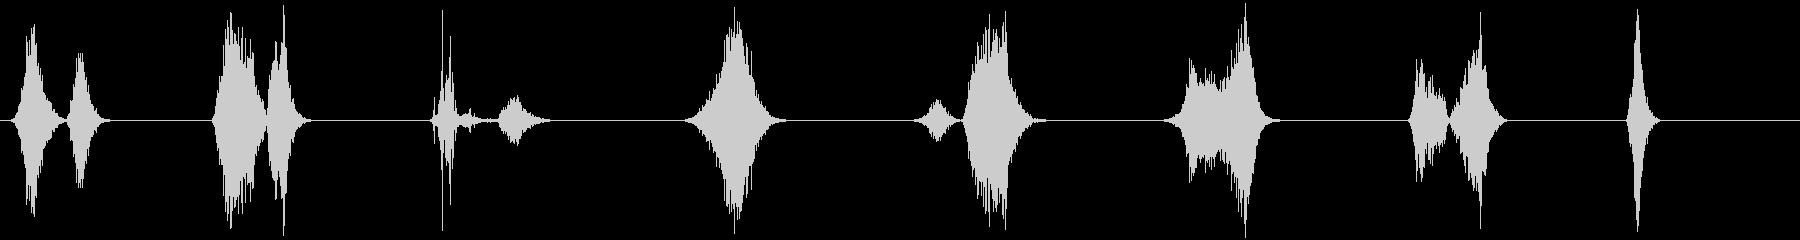 ビーストブレス-8エフェクト;さま...の未再生の波形